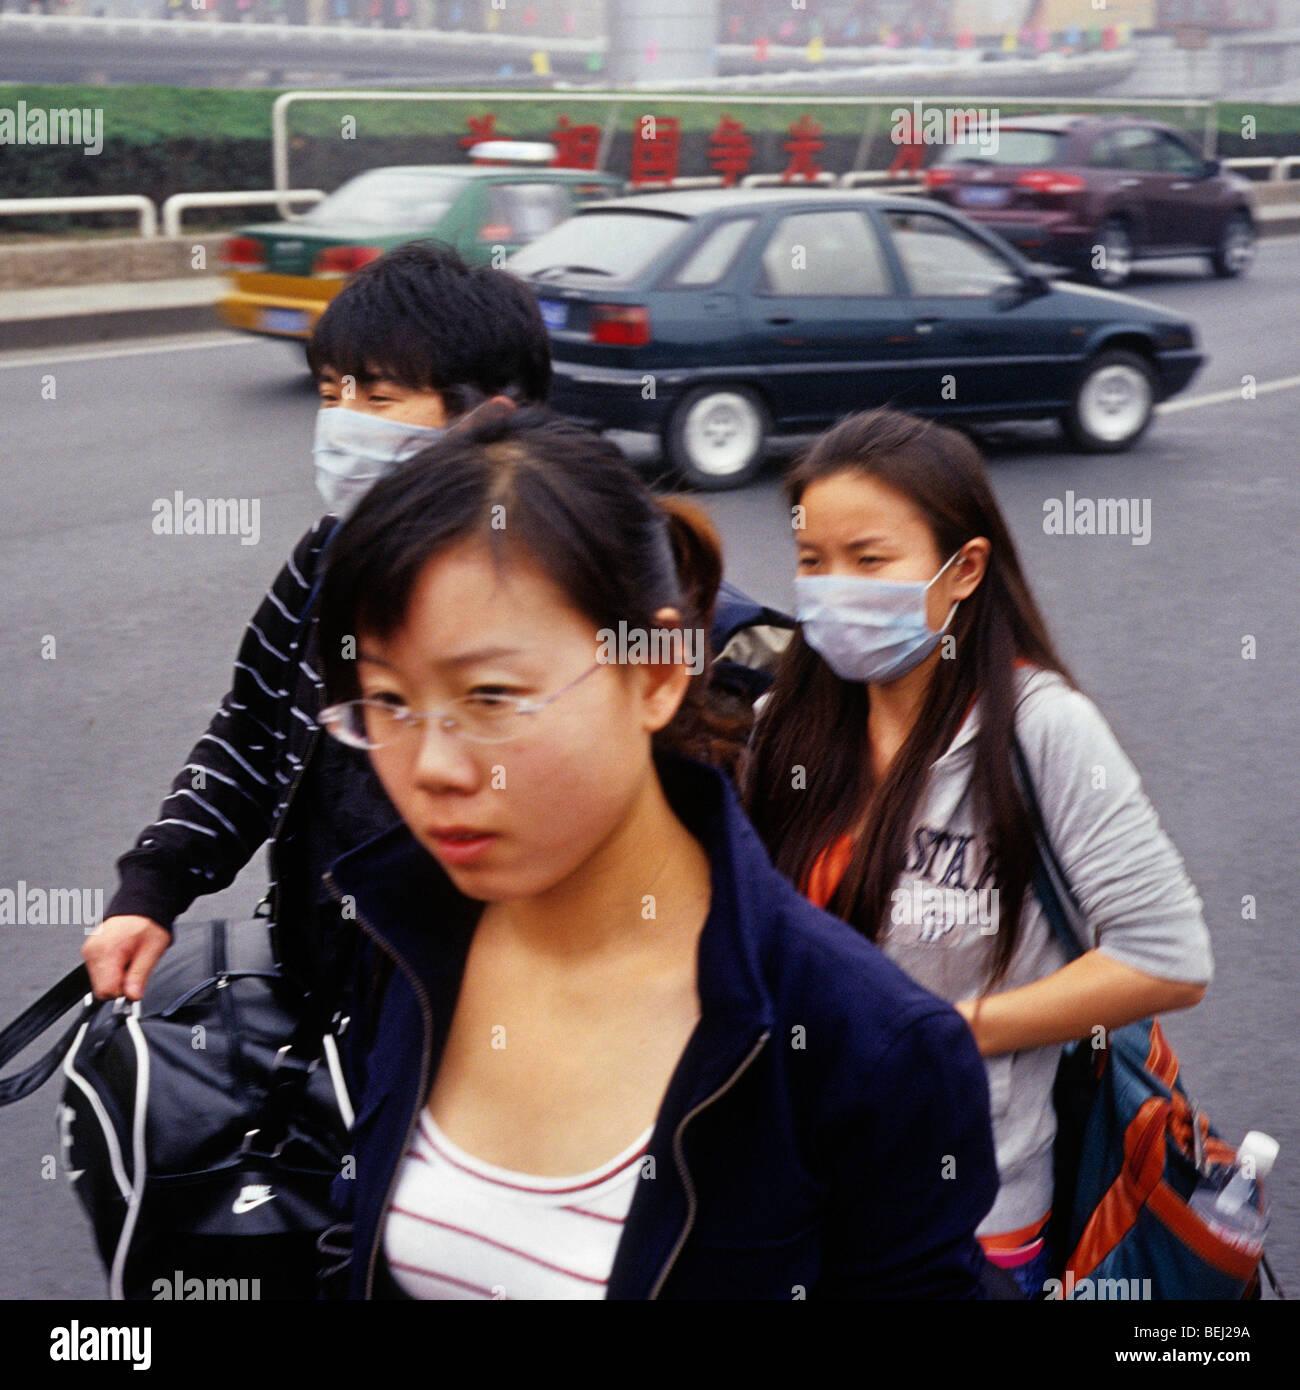 Pareja joven llevan máscaras para protegerse contra la severa contaminación en Beijing, China. 30-Sep Imagen De Stock